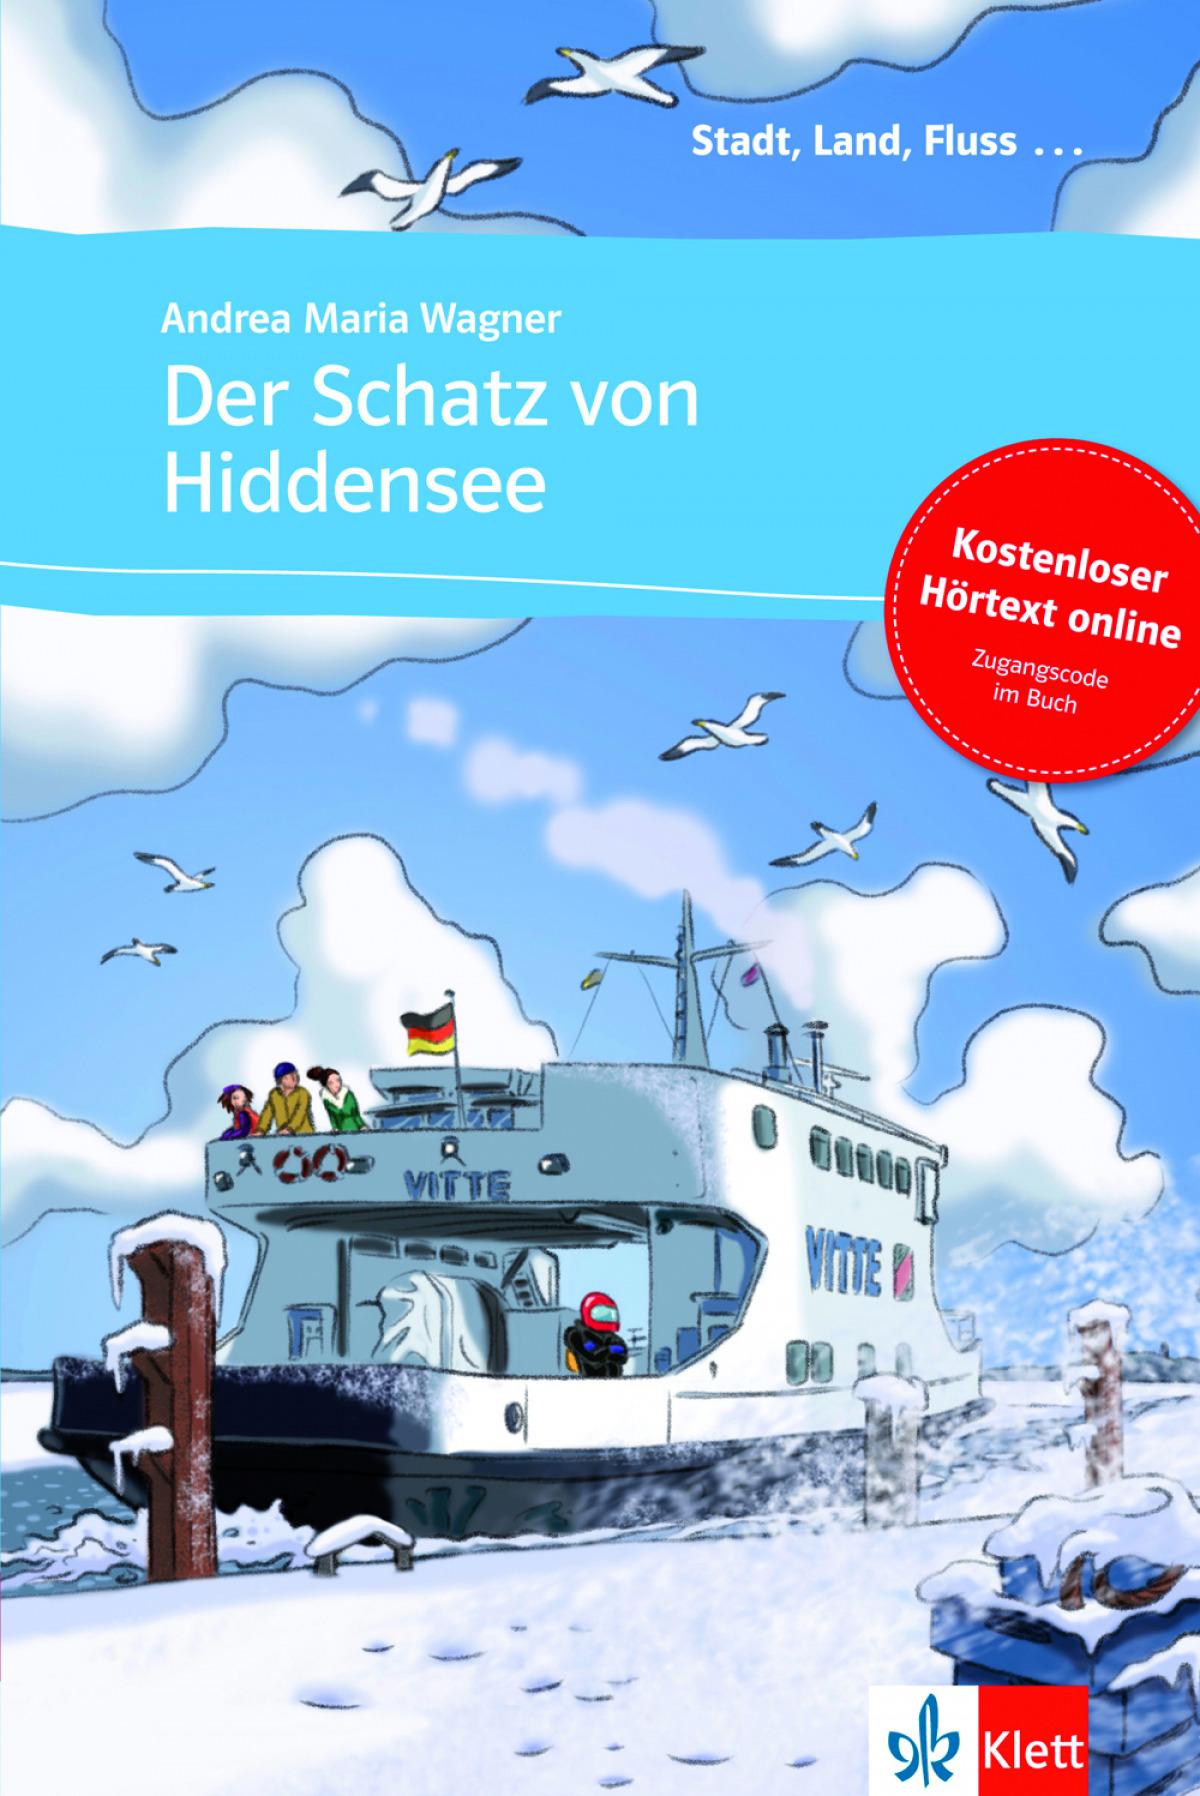 Der Schatz von Hiddensee - Libro + audio descargable (Colección S